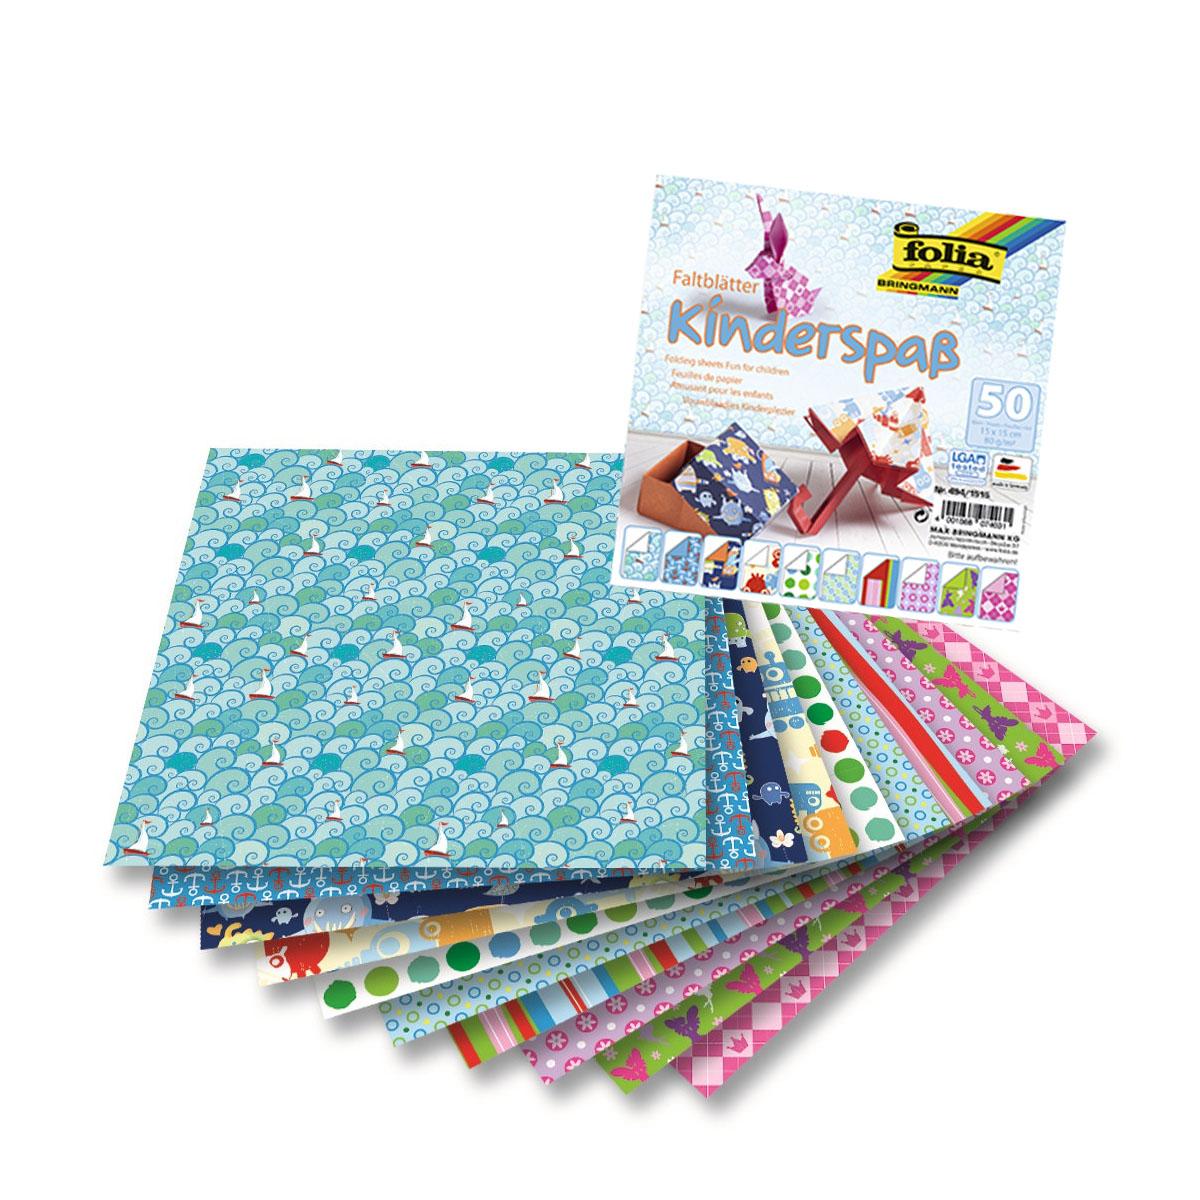 Бумага для оригами FoliaKids, 15 х 15 см, 50 листов бумага папиросная folia 50 см х 70 см 10 листов 7708130